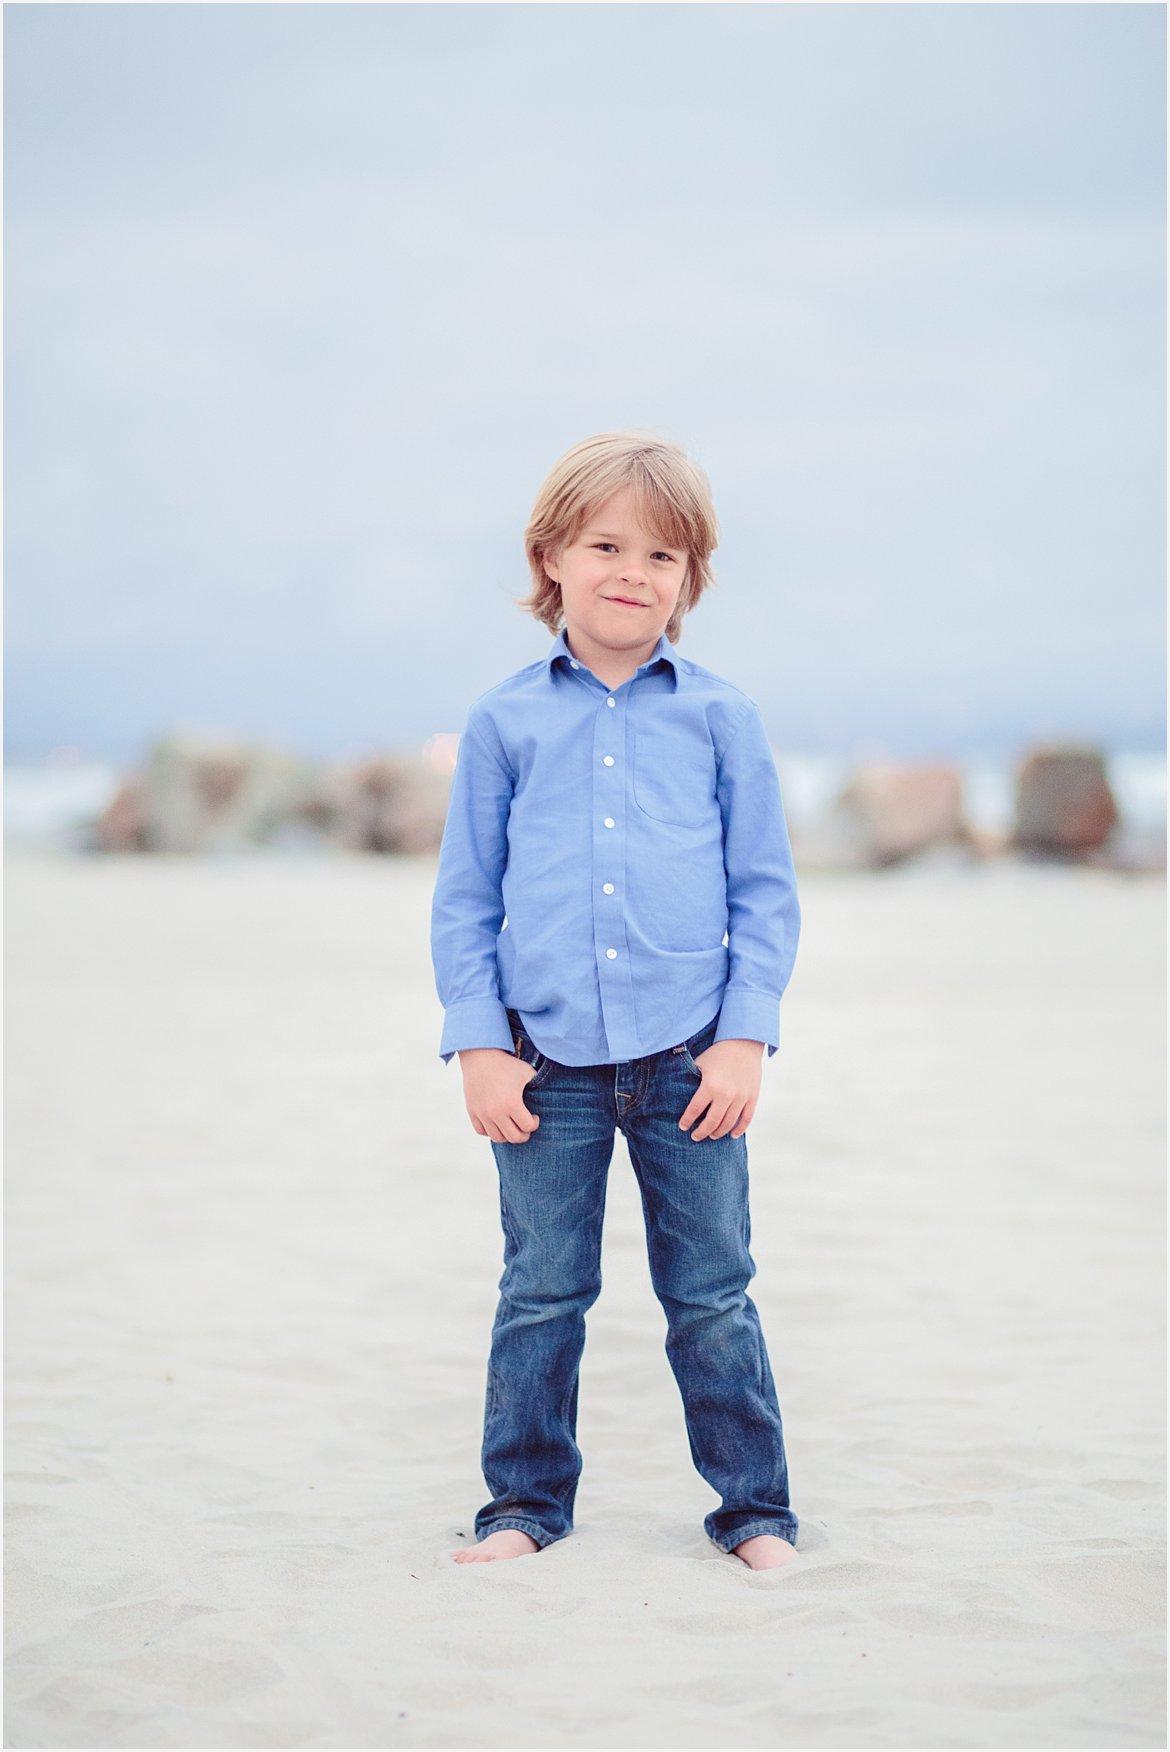 Little Boy on the Beach | San Diego Beach Photography